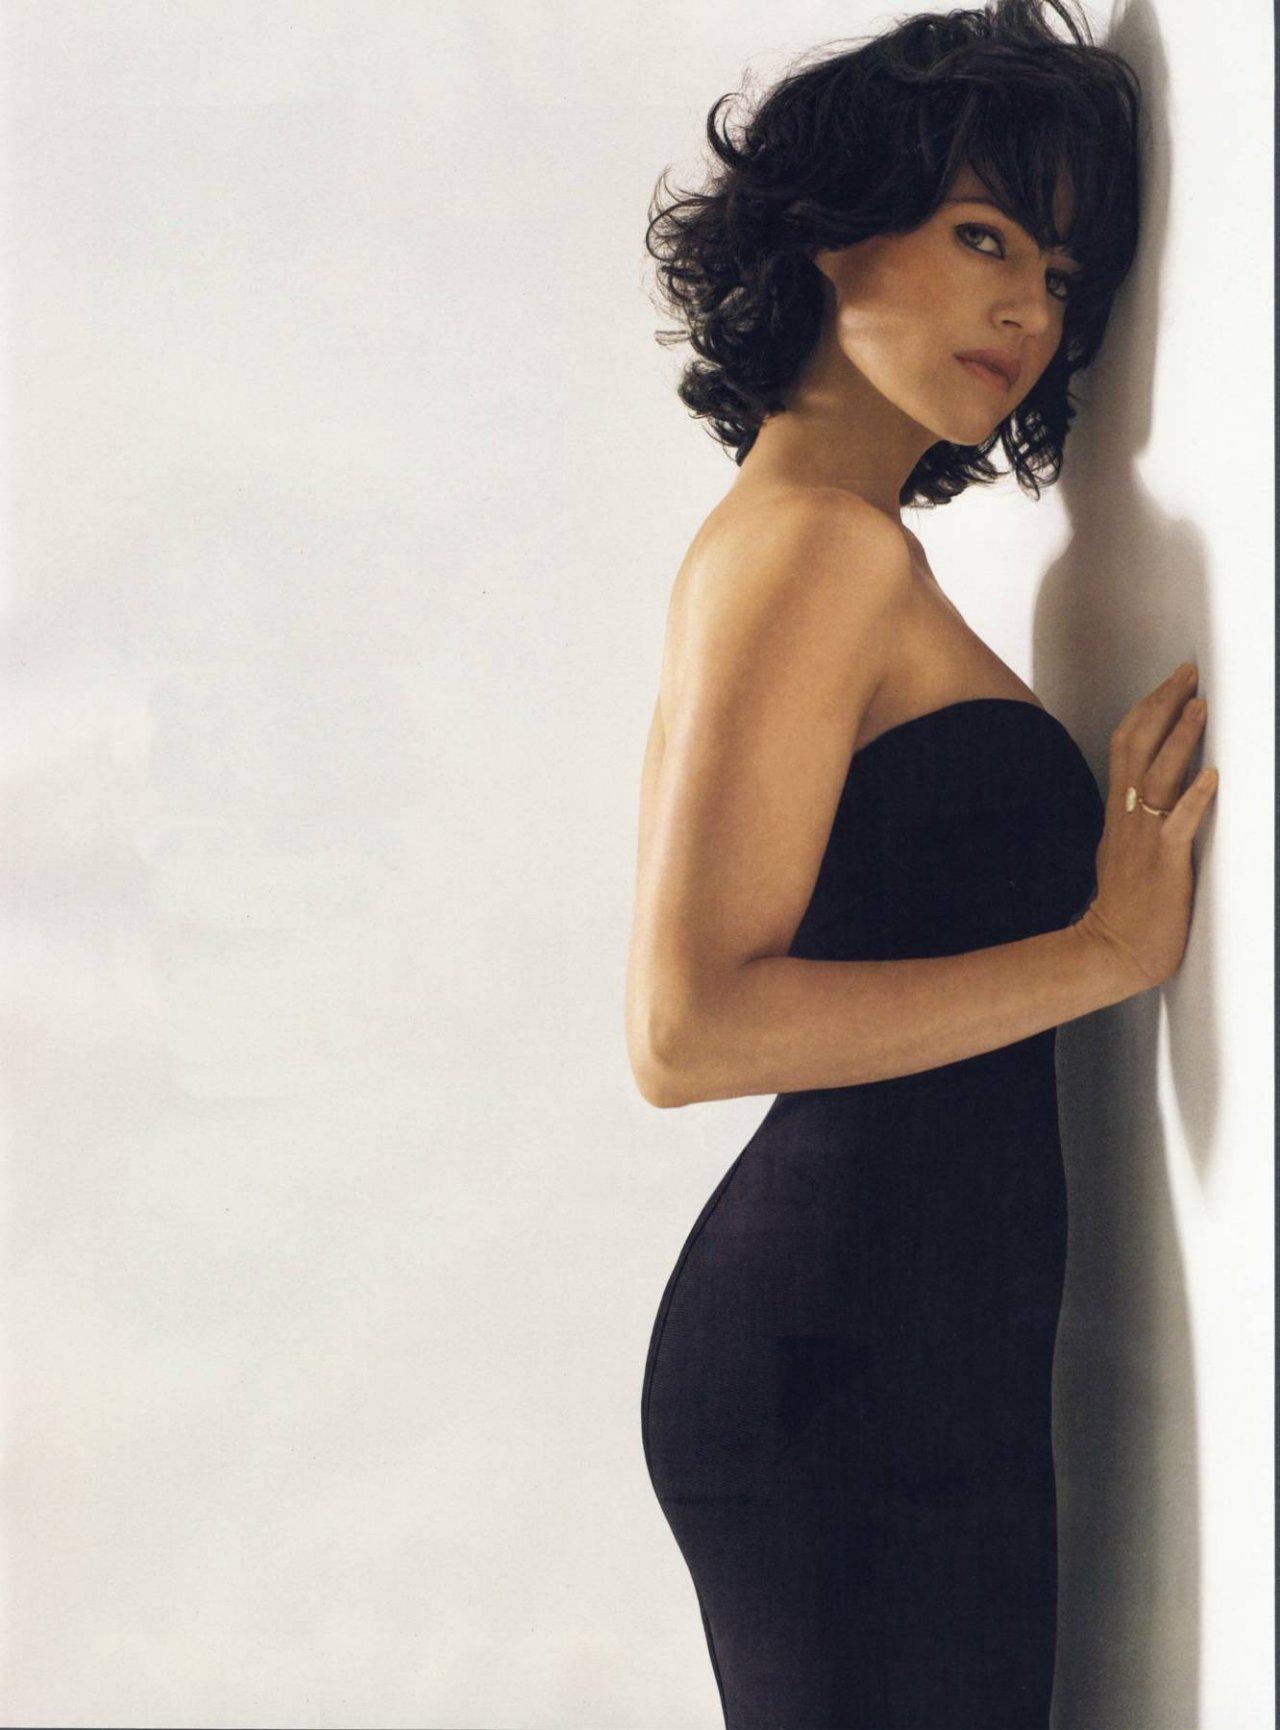 Carla Gugino Hot Photo Shoot